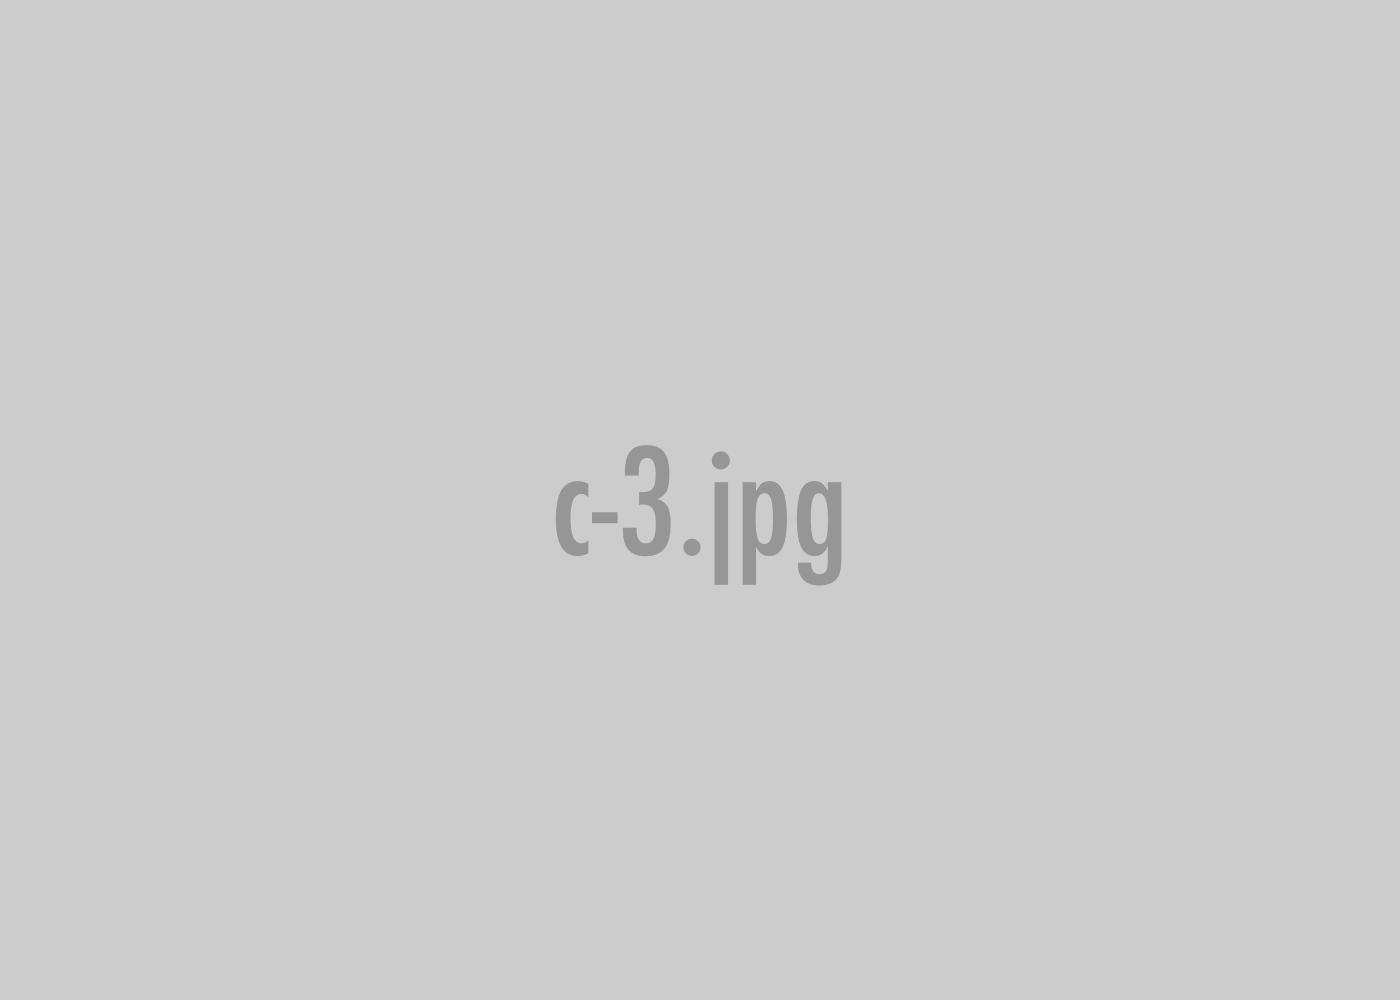 [лохотрон] рослото – отзывы, развод! официальный сайт юбилейного розыгрыша - vannews